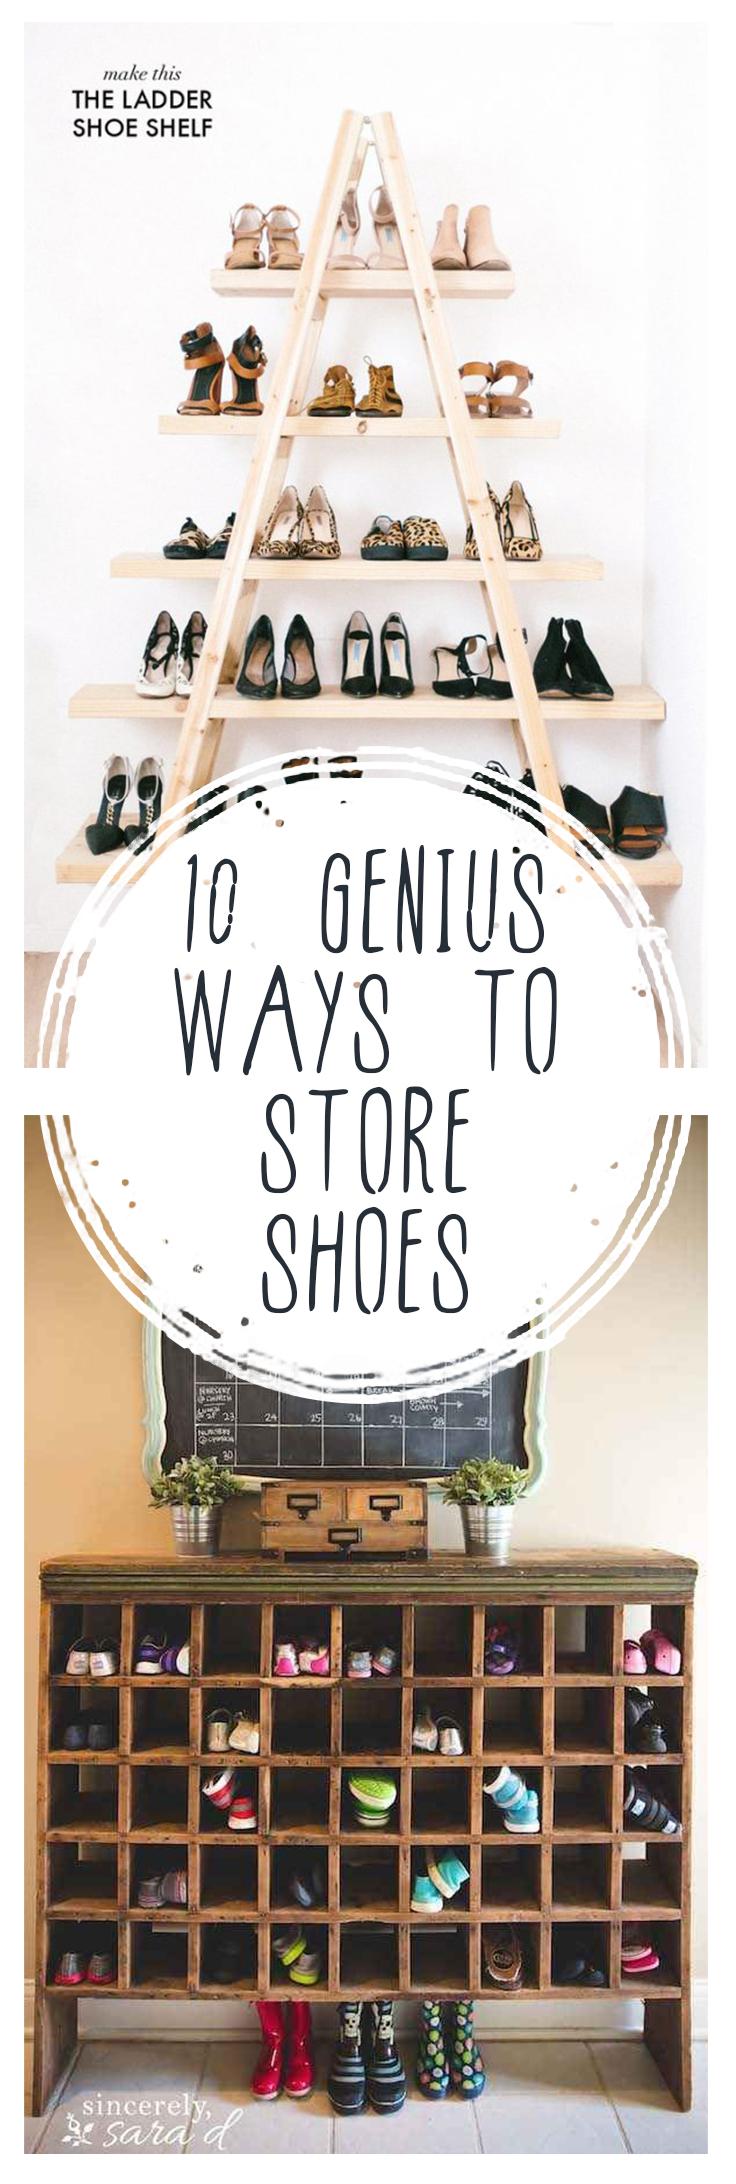 Shoe storage, organizing shoes, closet organization, DIY closet, DIY closet organization, easy closet organization, DIY home, DIY storage, popular pin.